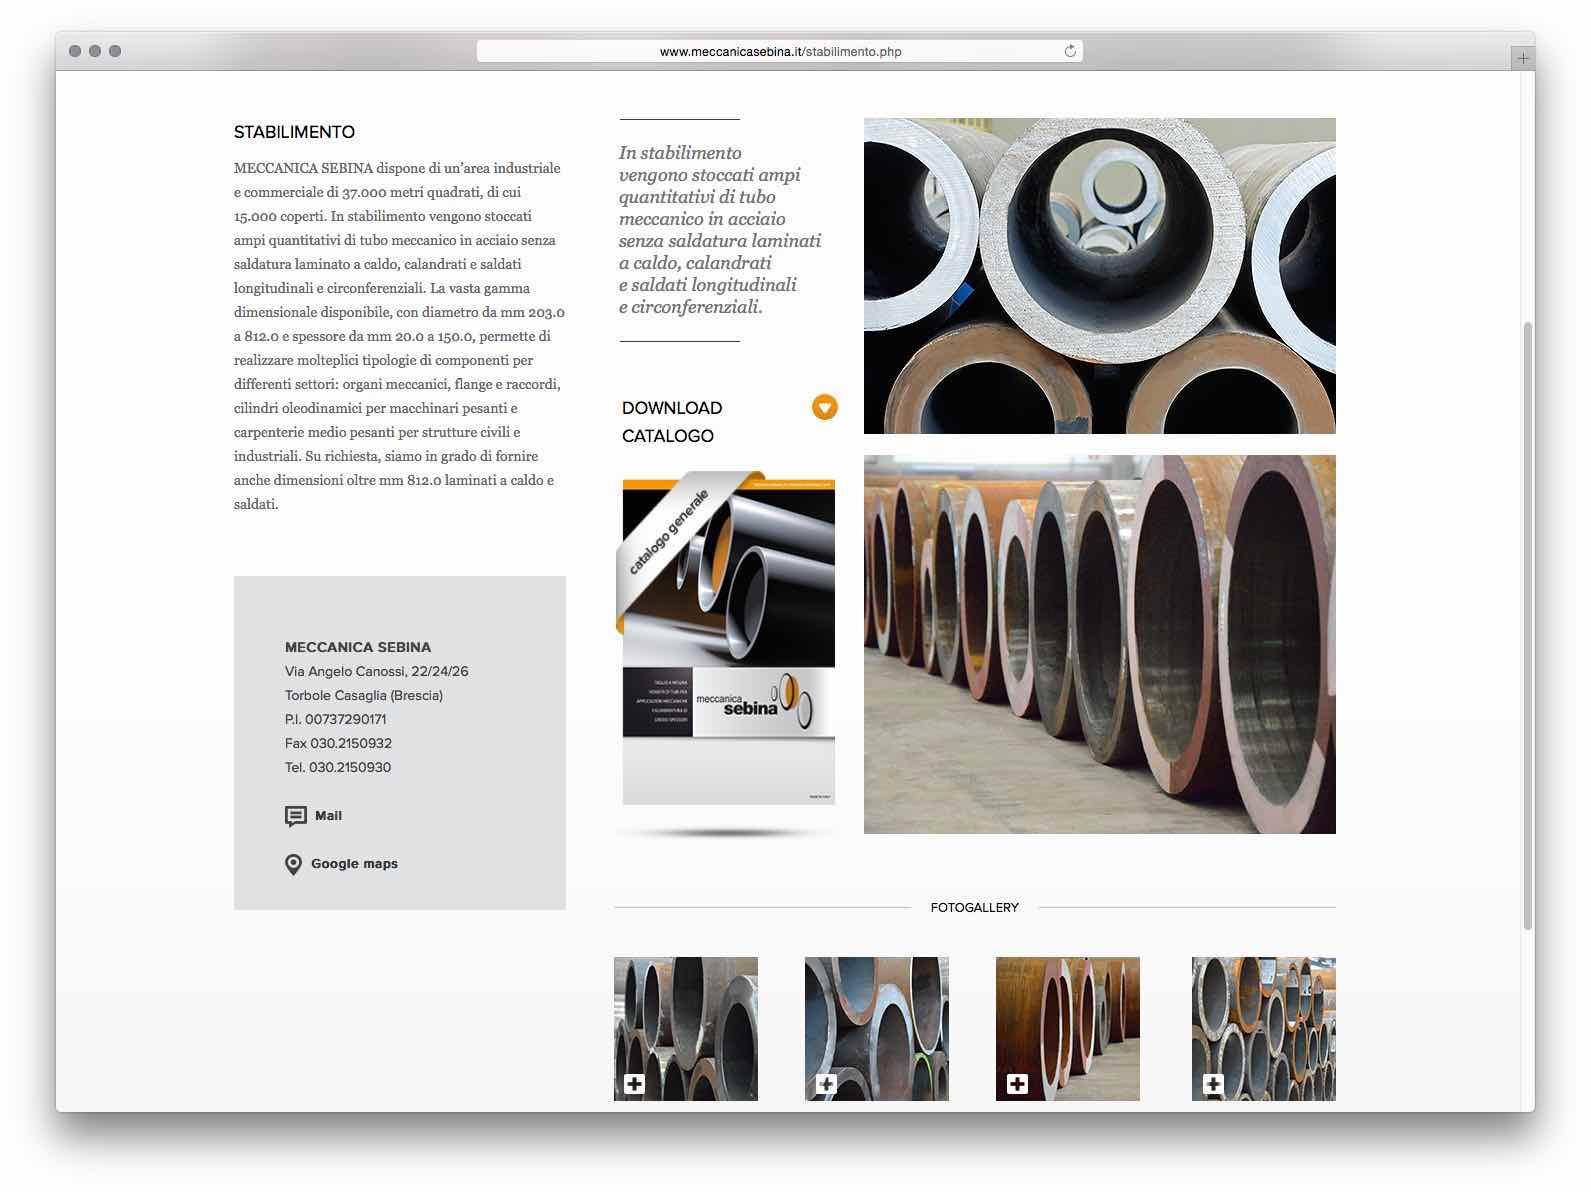 Creazione Siti Web Brescia - Sito Web Meccanica Sebina